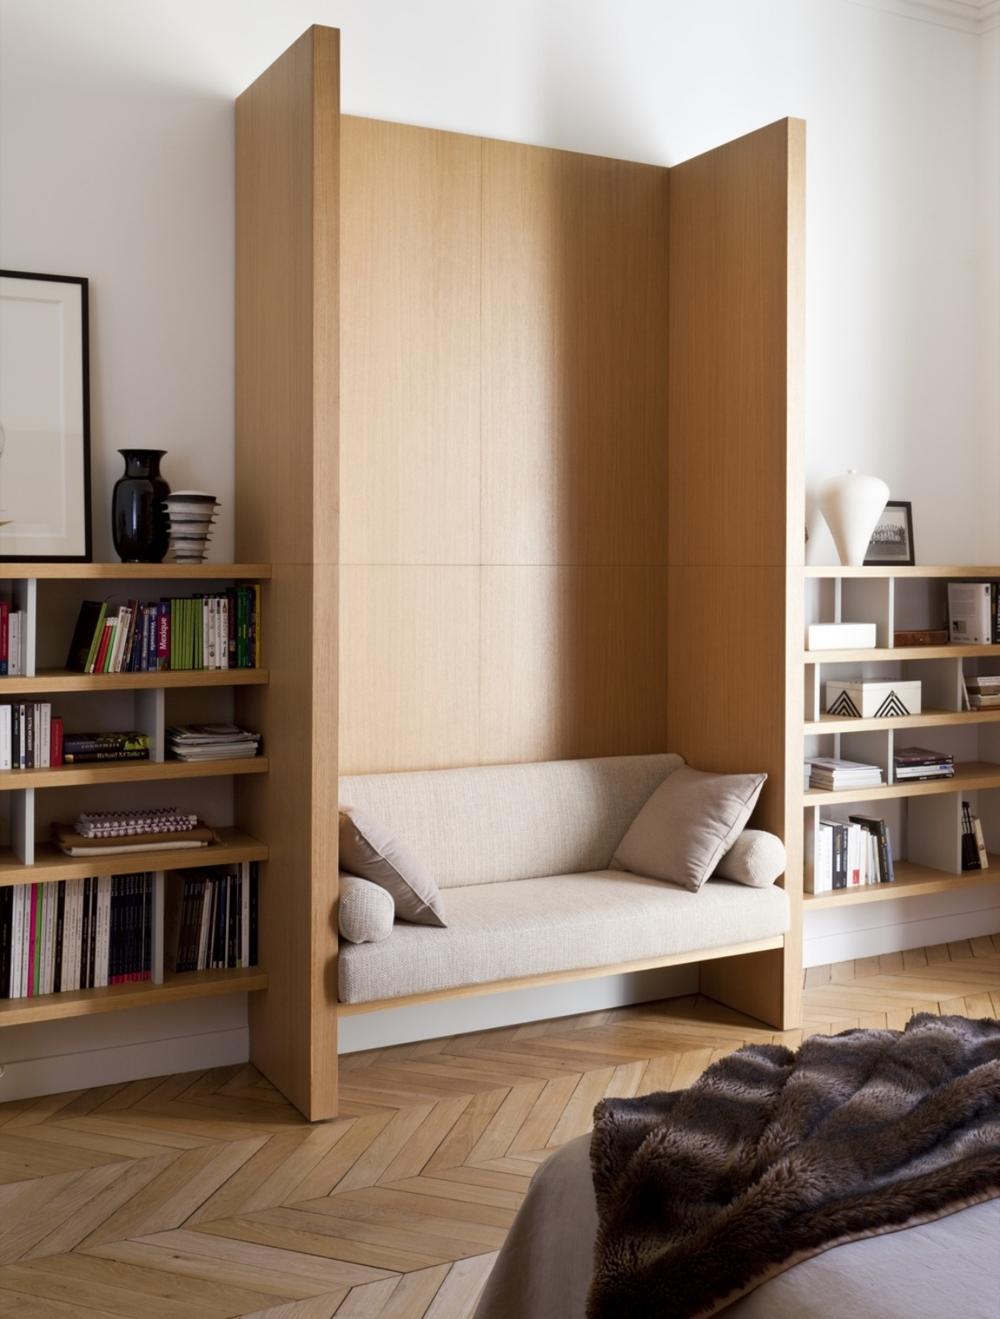 m_residence-10.jpg